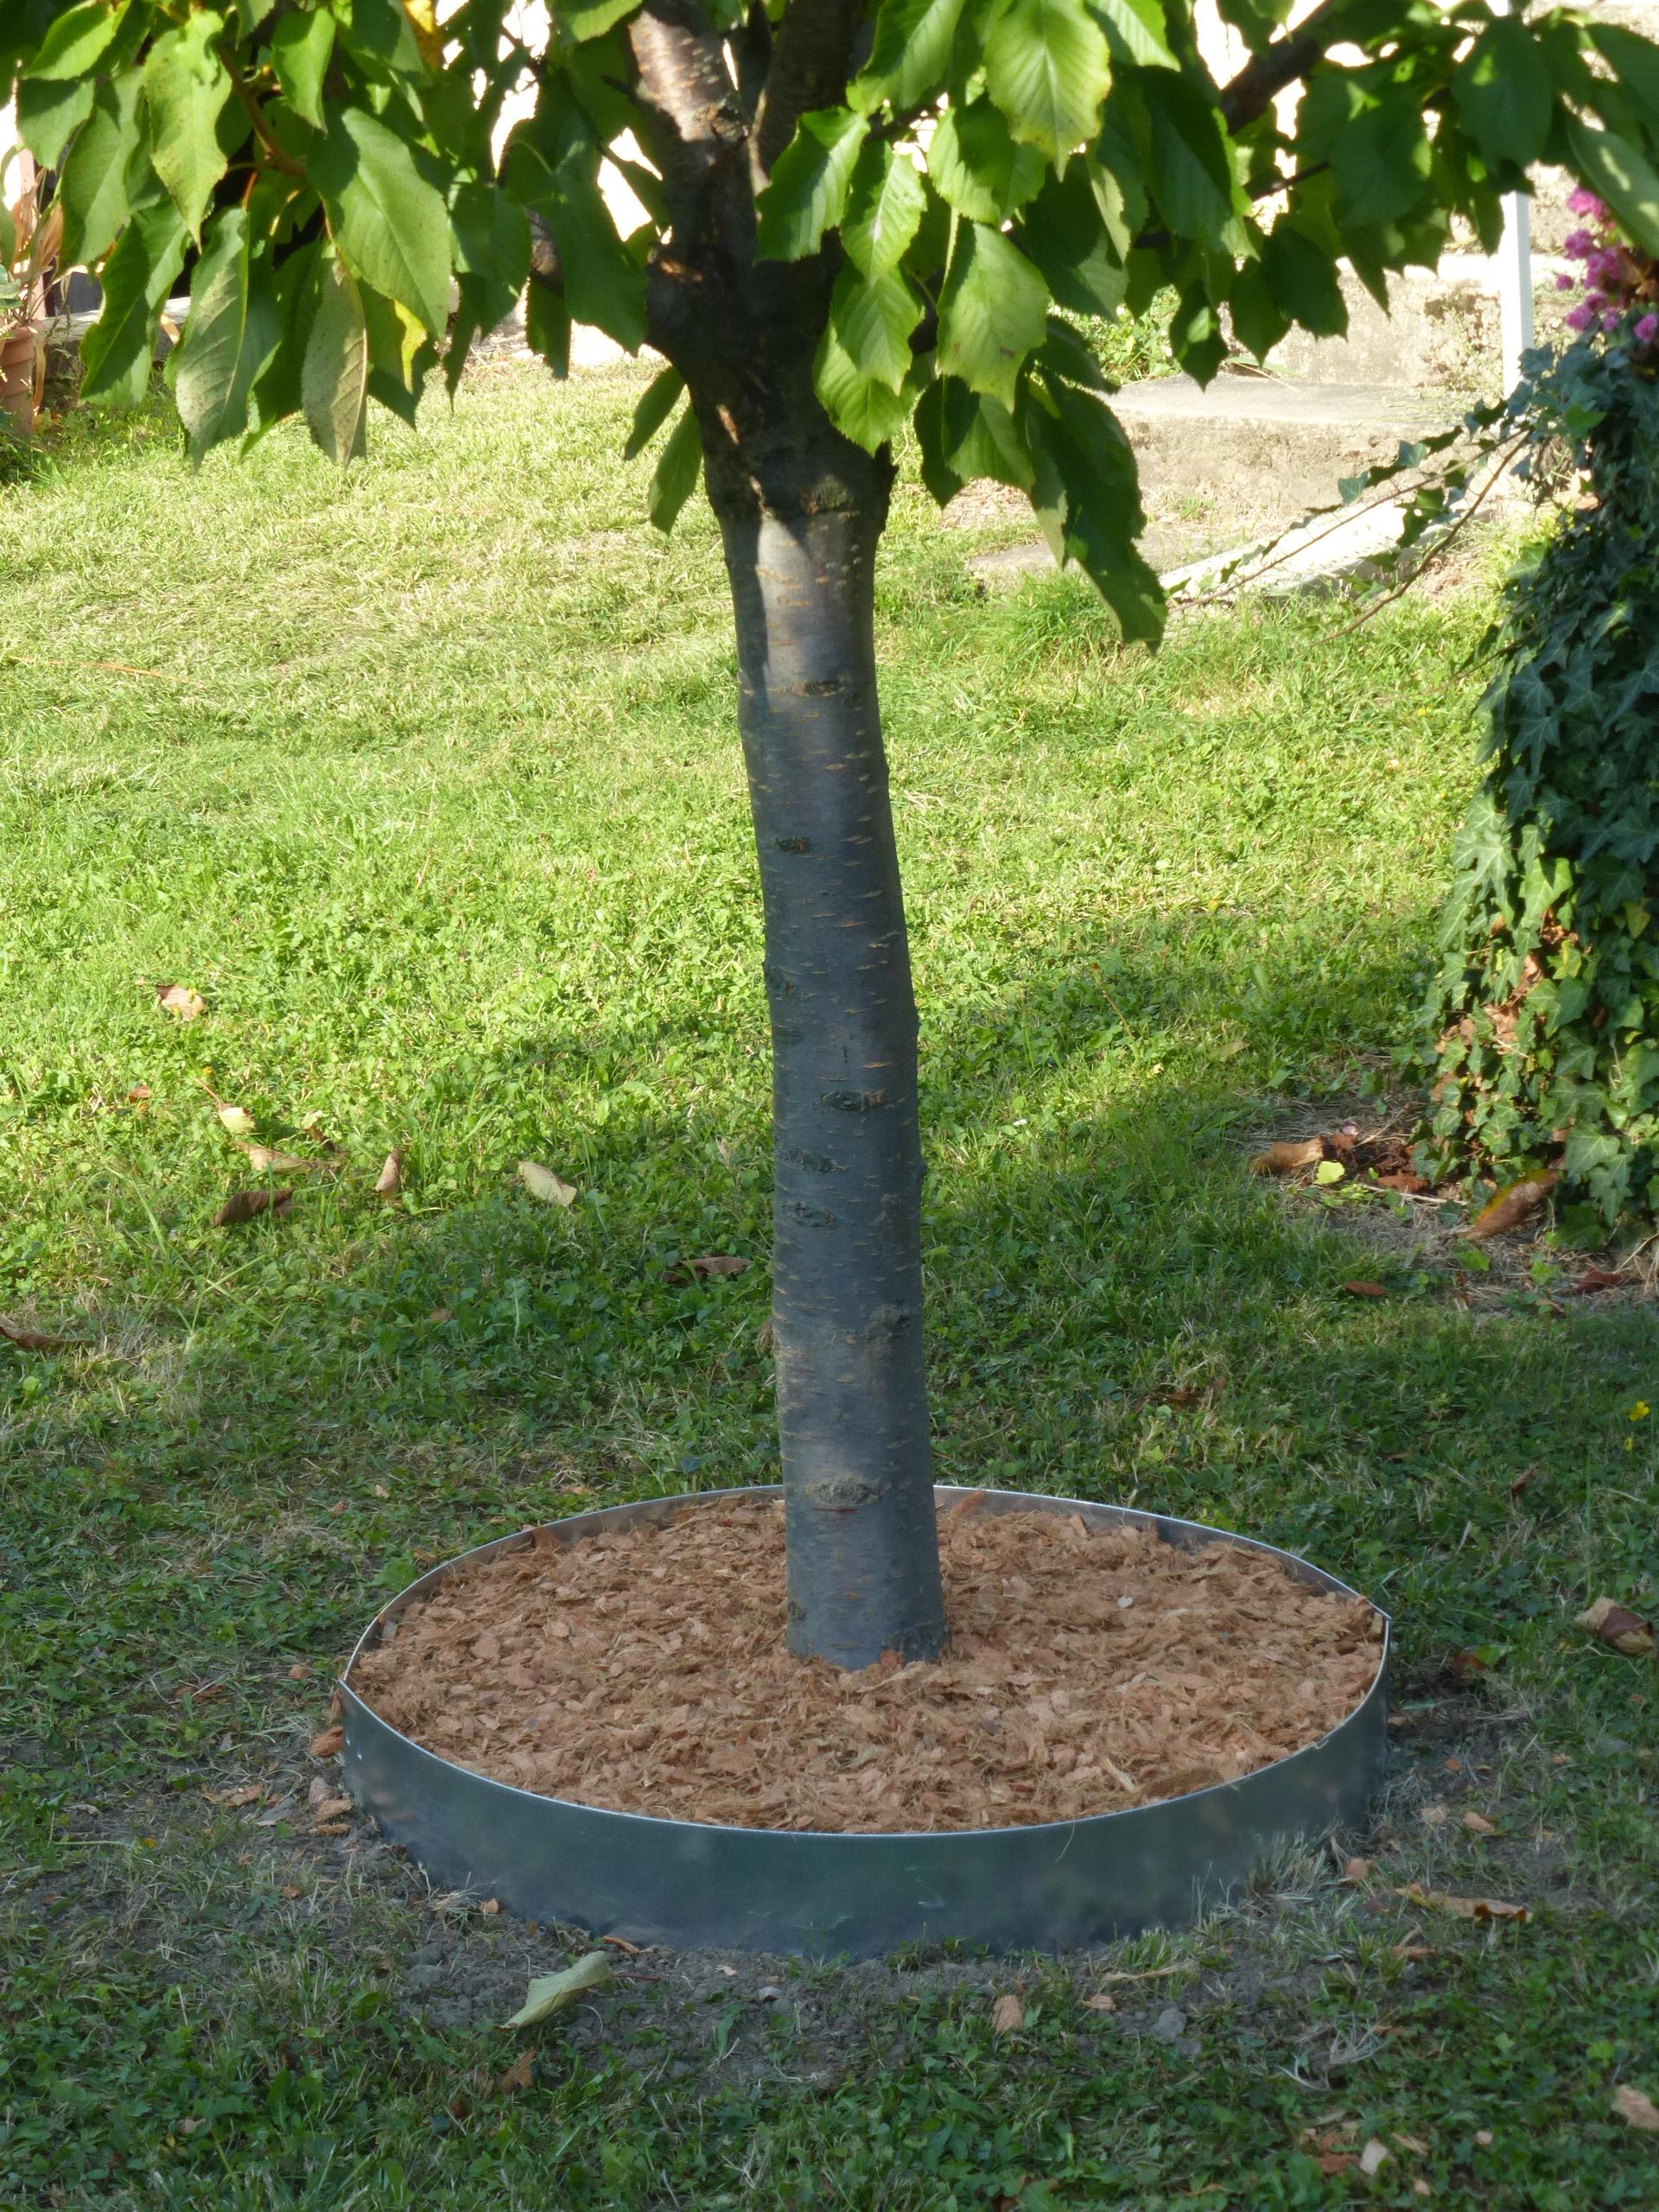 Les Conseils Pratiques De Jardin Et Saisons Pour Installer ... destiné Bordure De Jardin En Acier Galvanisé